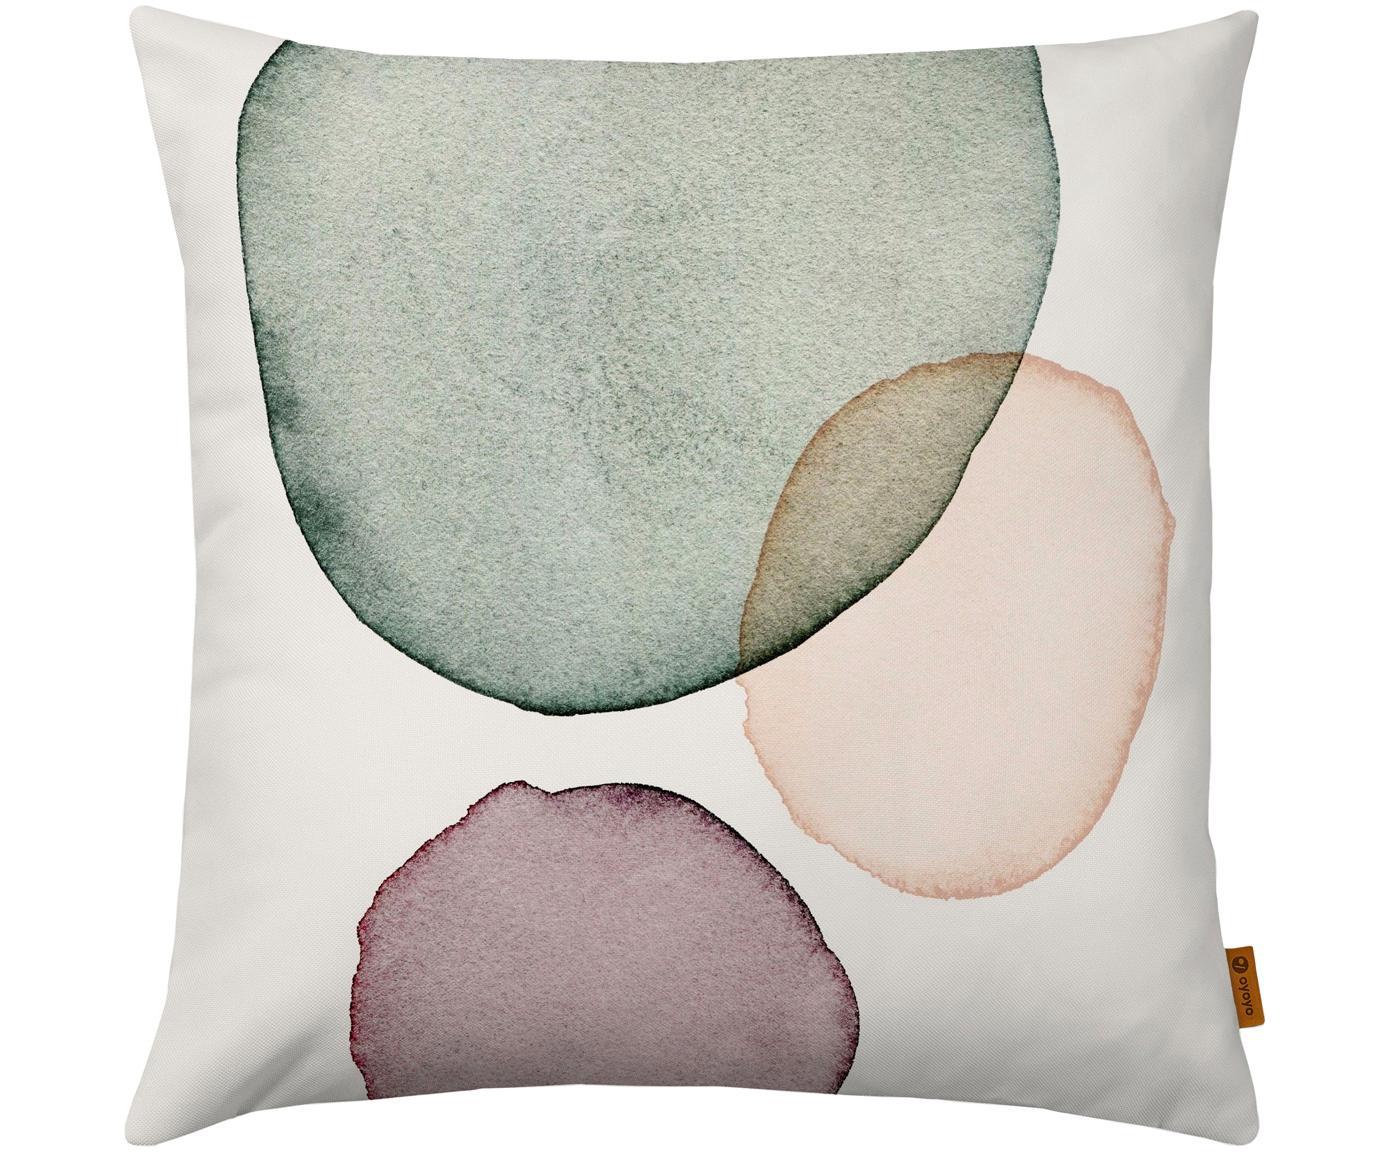 Poszewka na poduszkę Calm, Poliester, Biały, zielony, lila, odcienie łososiowego, S 50 x D 50 cm